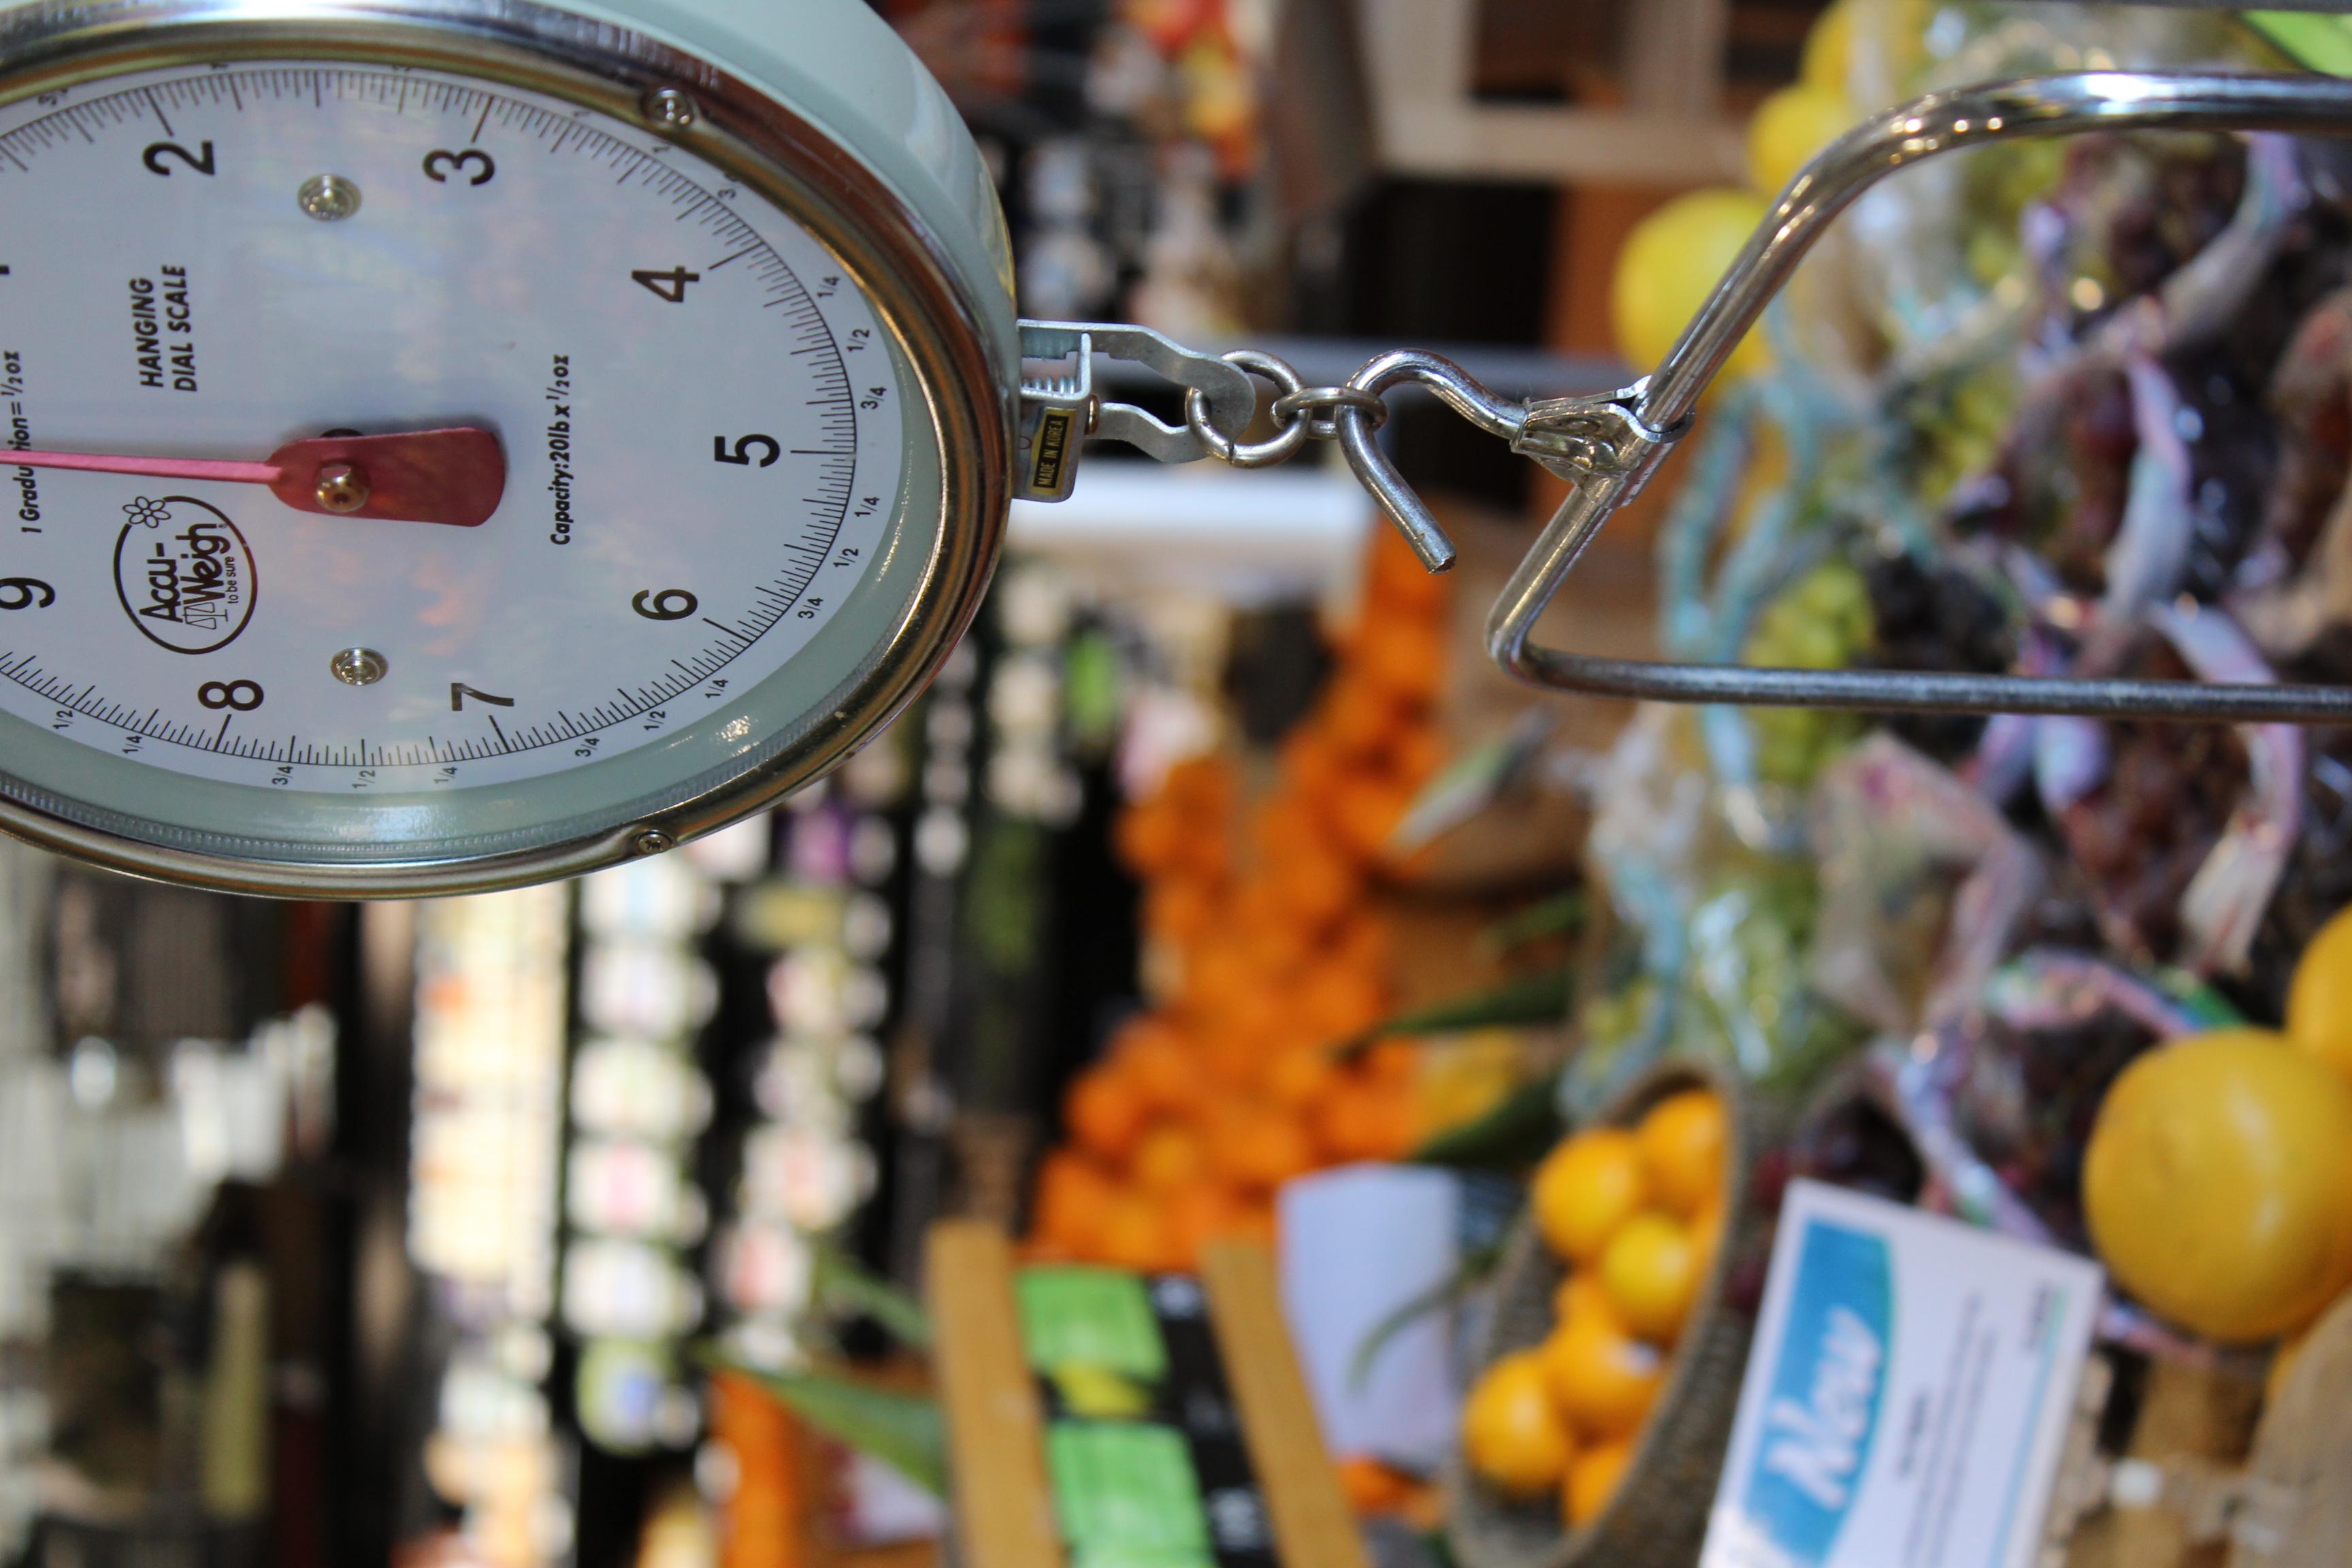 Produce_scale_IMG_4190